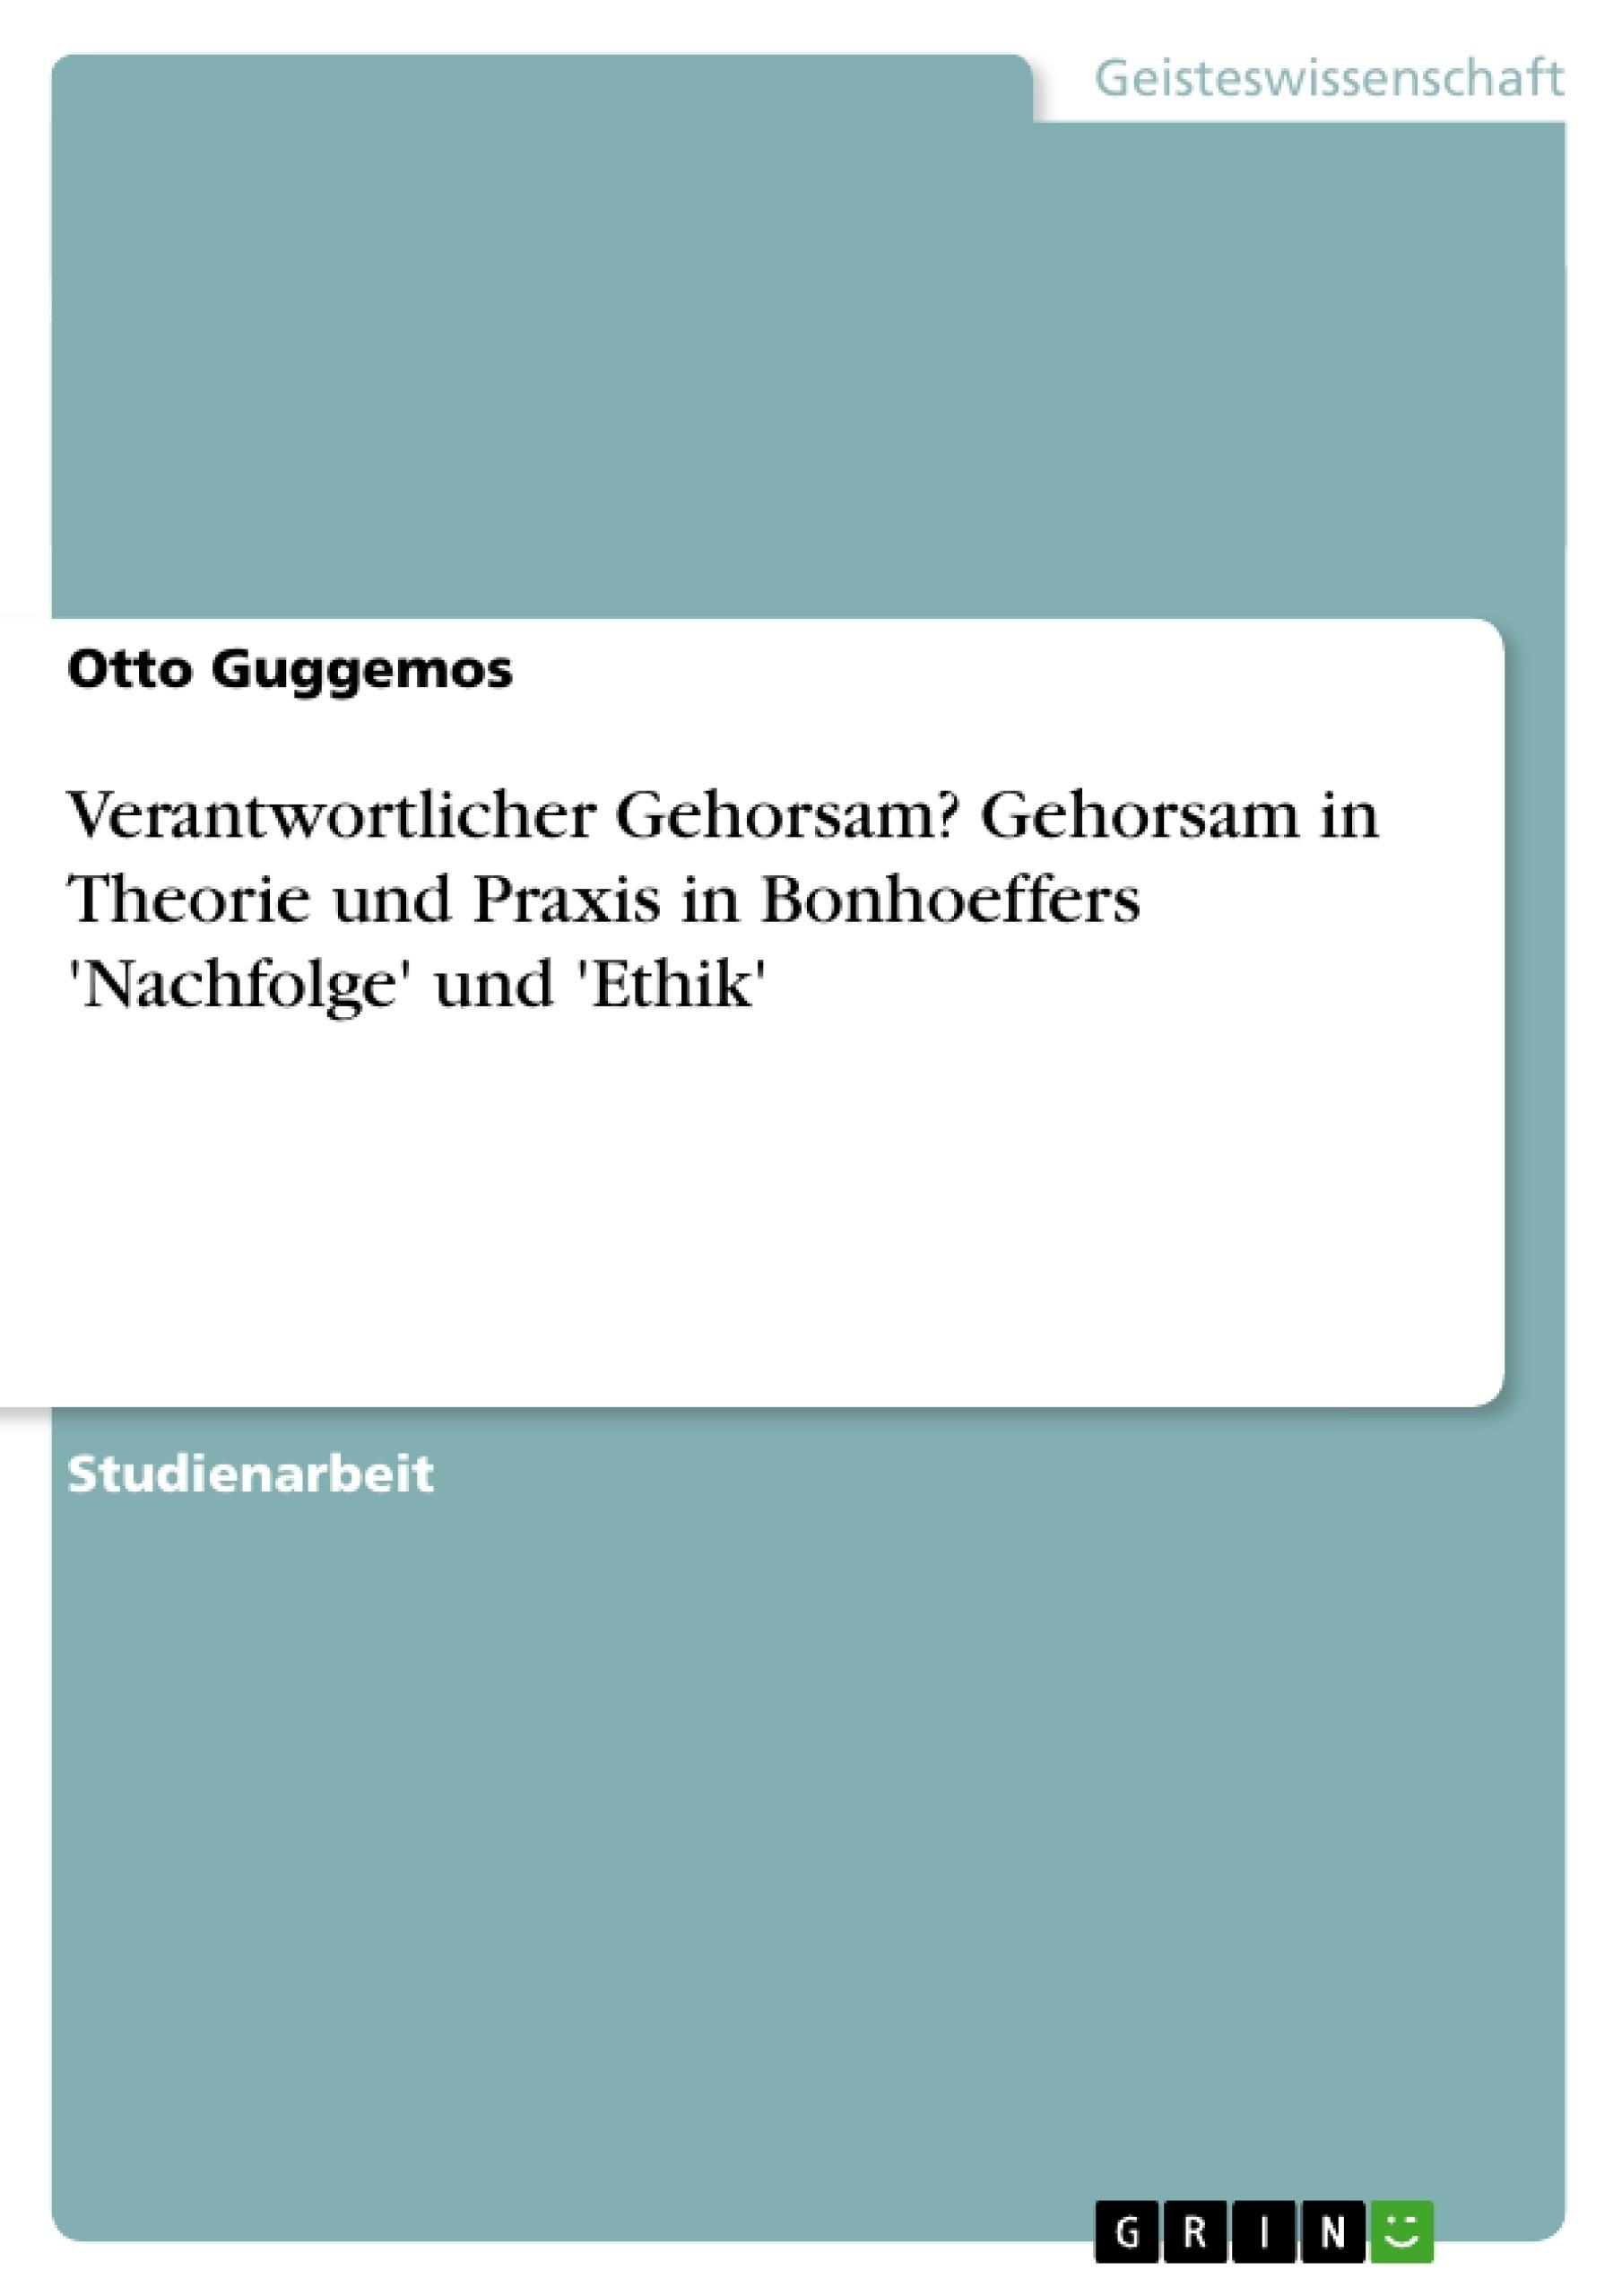 Titel: Verantwortlicher Gehorsam? Gehorsam in Theorie und Praxis in Bonhoeffers 'Nachfolge' und 'Ethik'